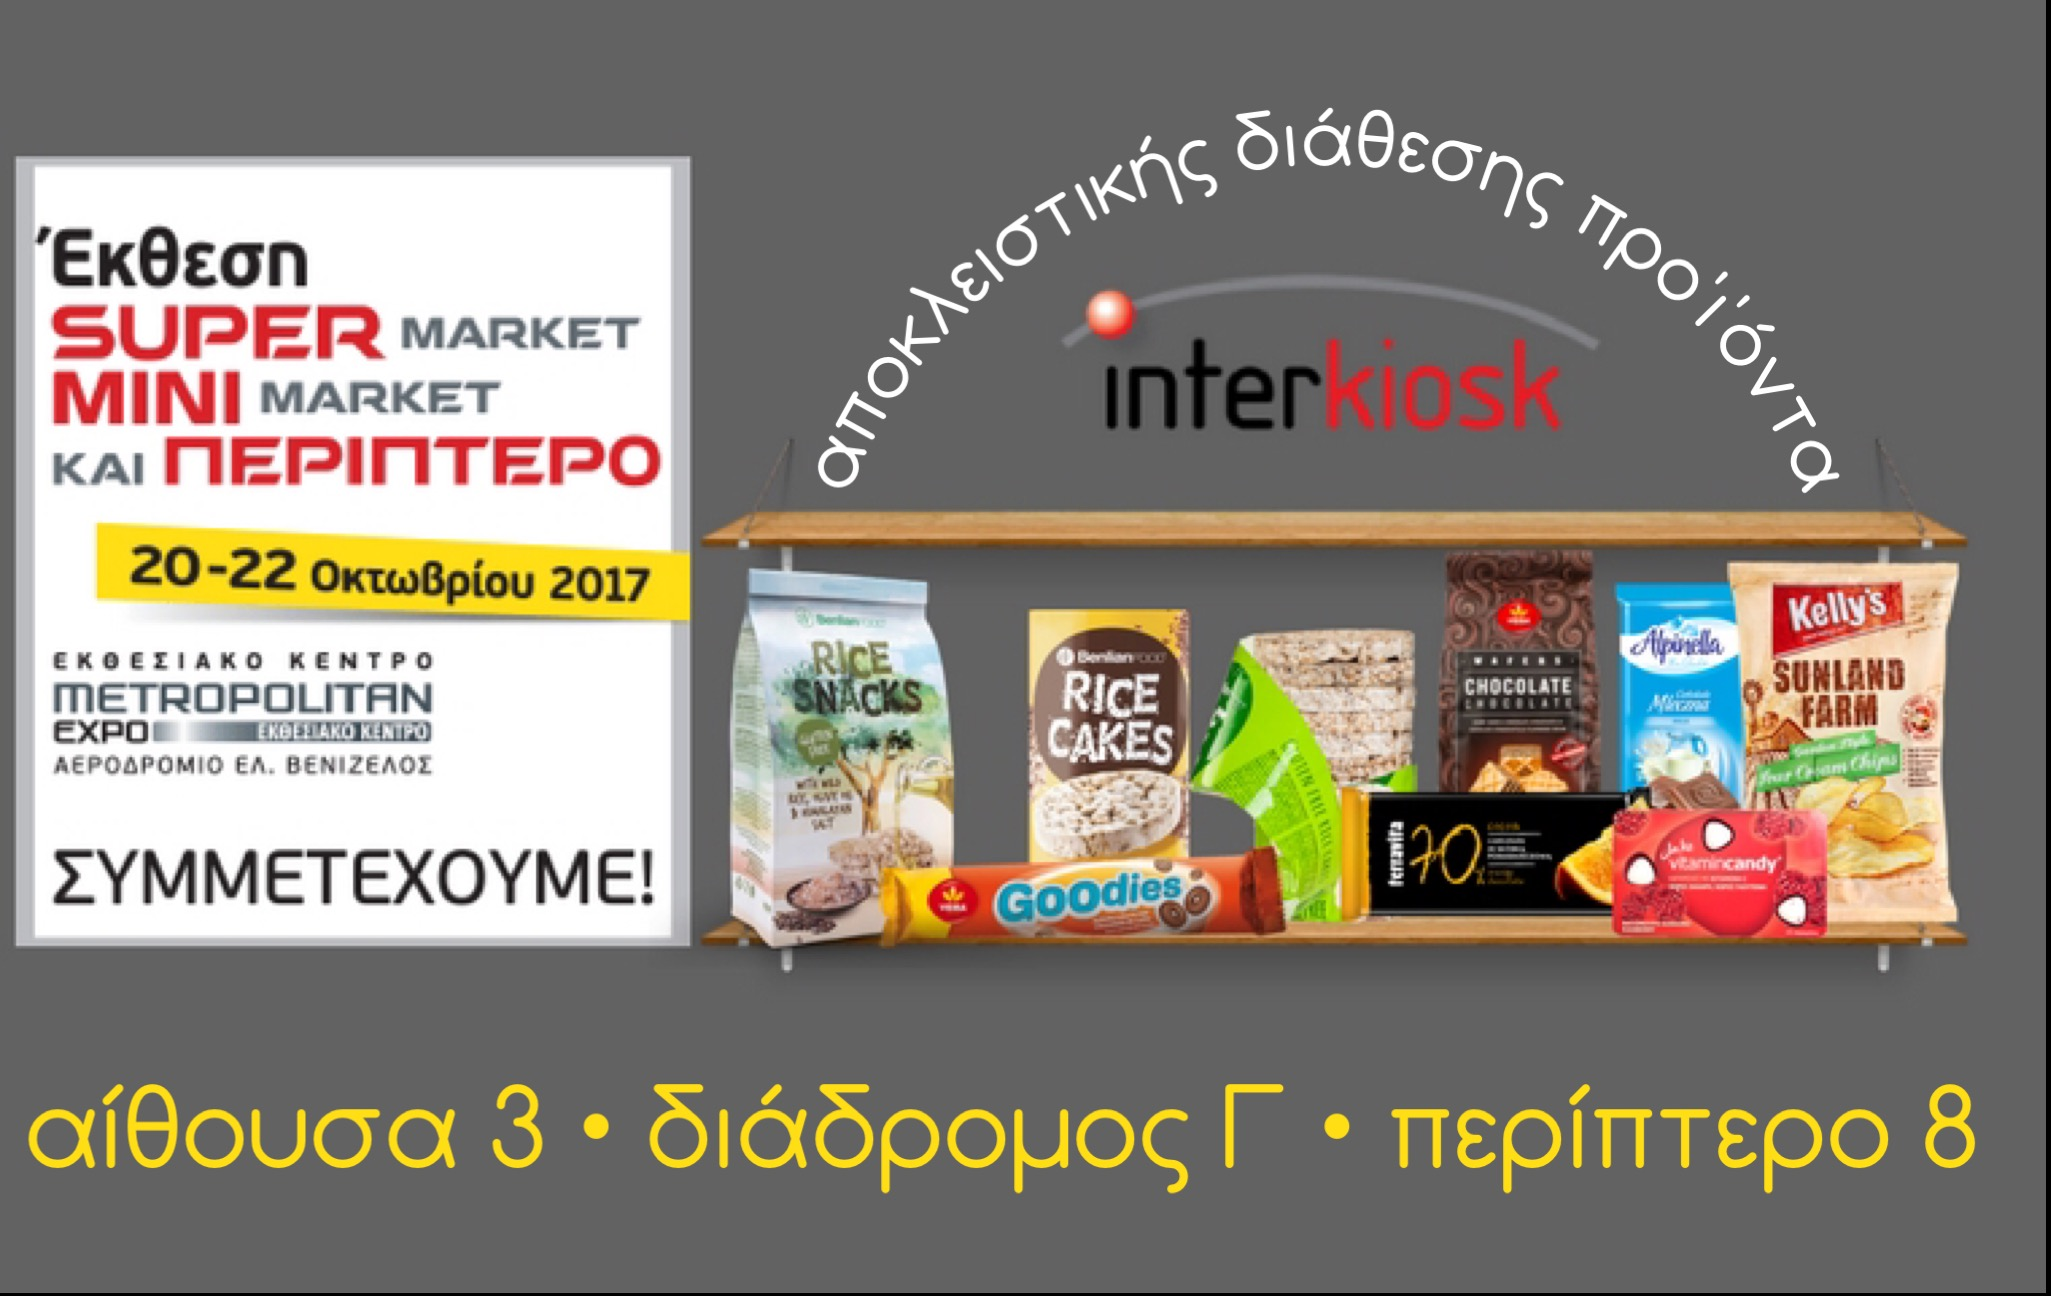 Η interkiosk στη Έκθεση Super Market, Mini Market και Περίπτερο